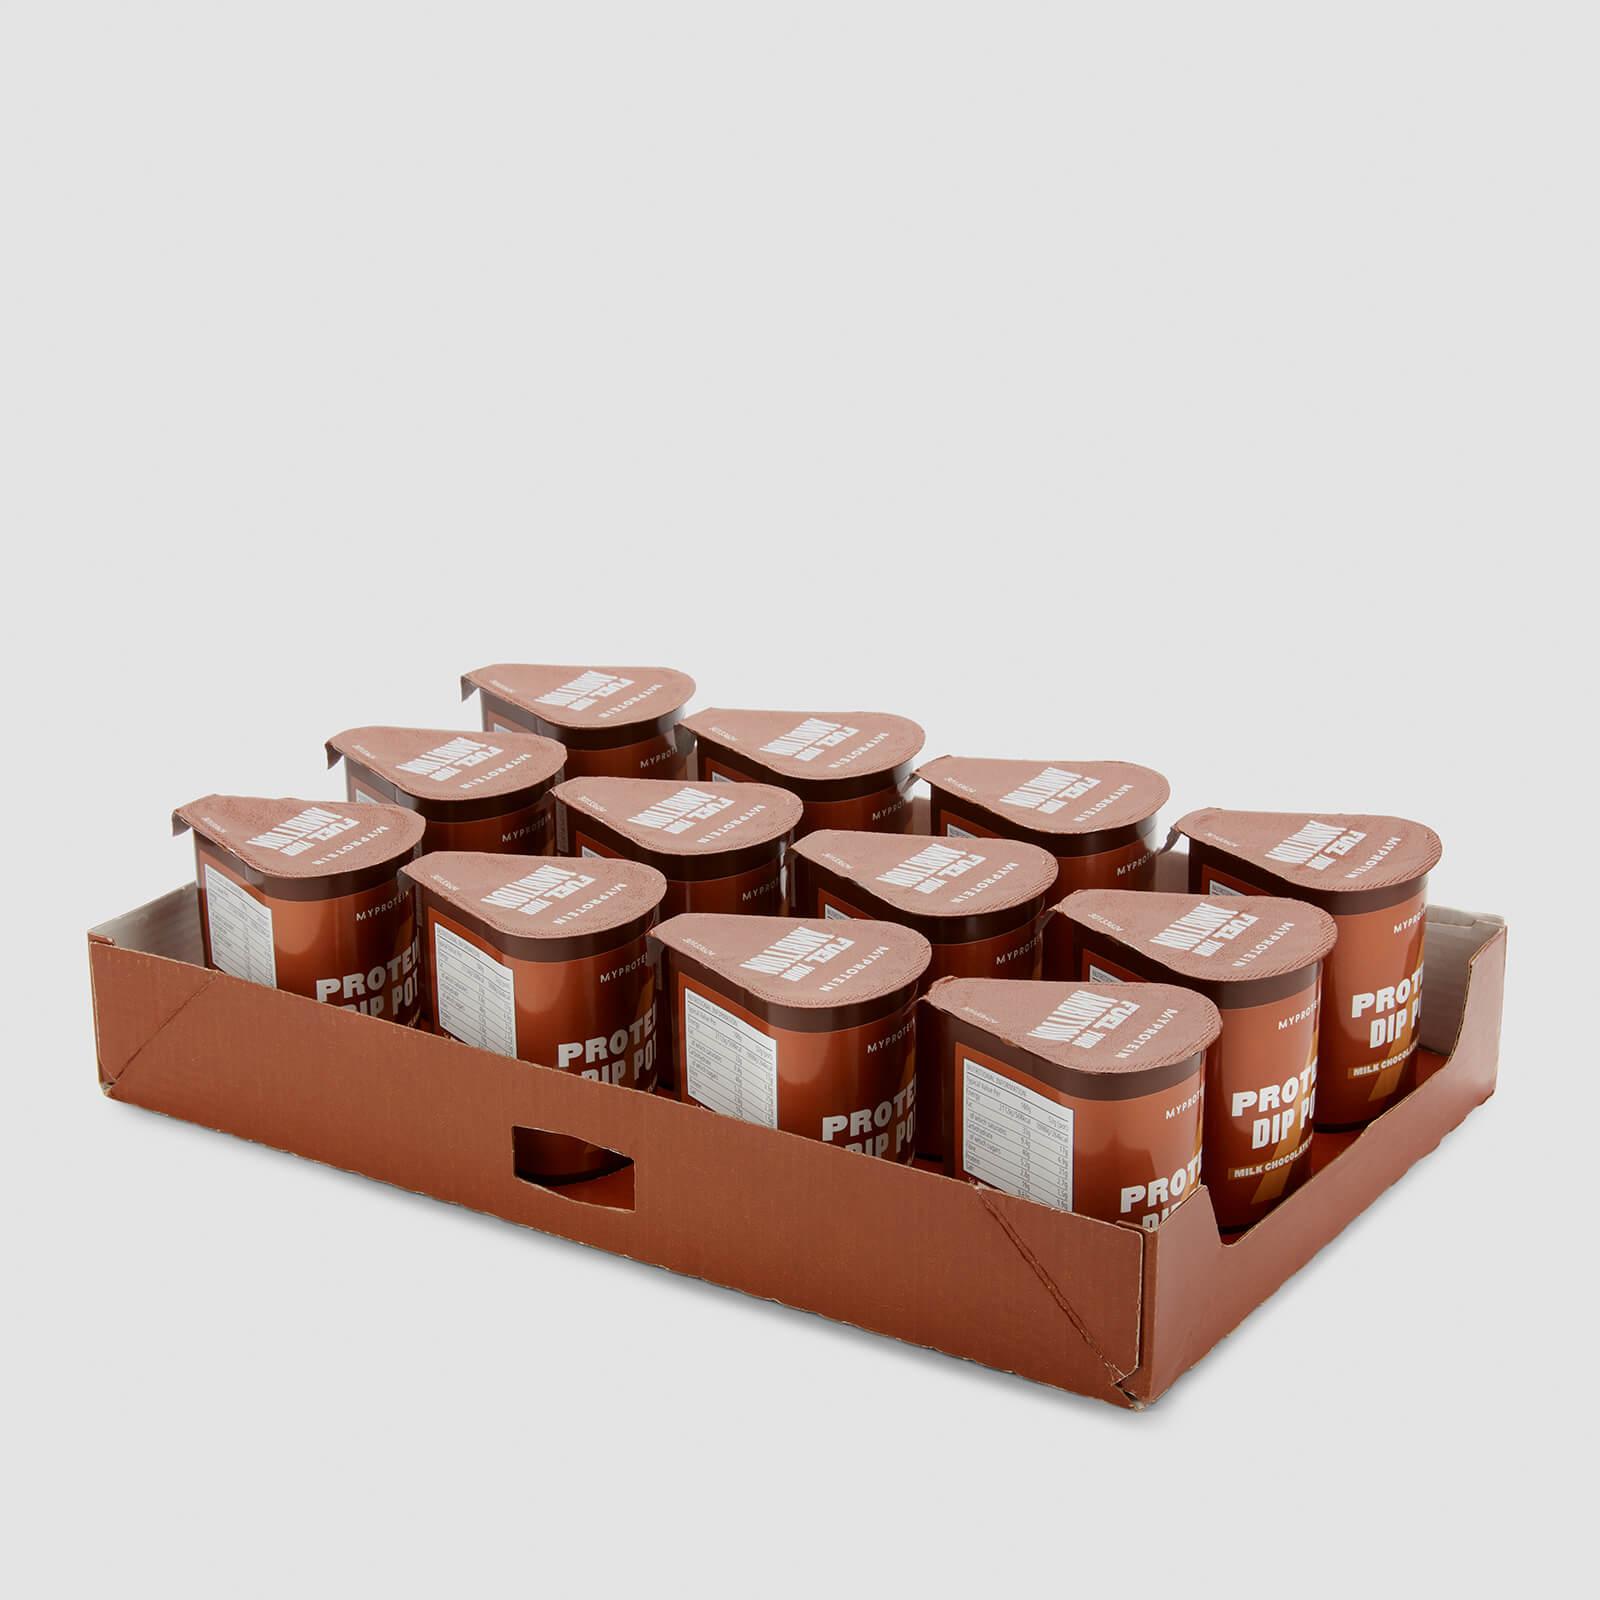 Myprotein Goûter protéiné - 12 x 52g - Chocolat au lait